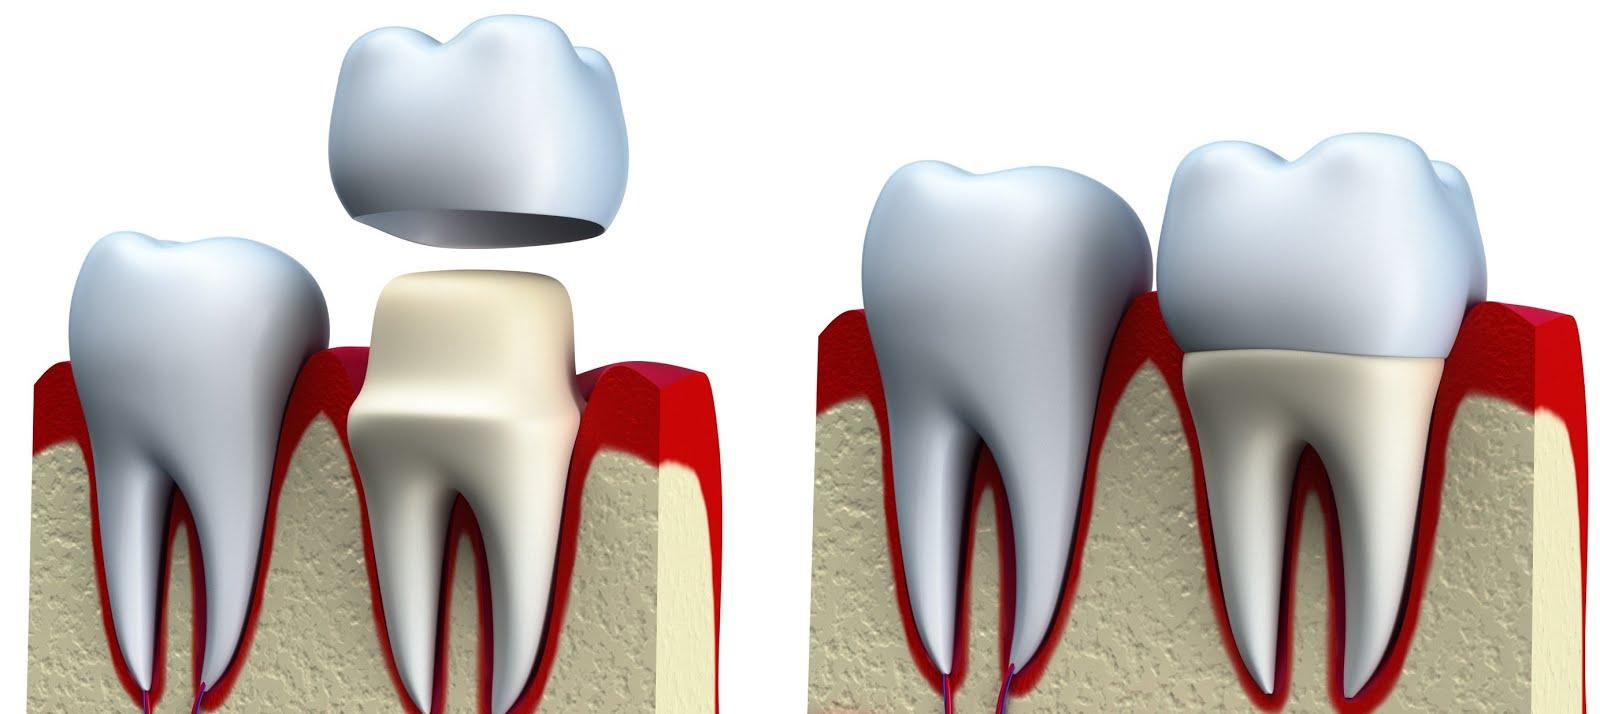 Biaya untuk pemasangan gigi palsu tersebut bervariasi dari yang termurah  hingga yang mahal. Inilah harga pasang gigi palsu permanen dan lepas. 87b7b5edee